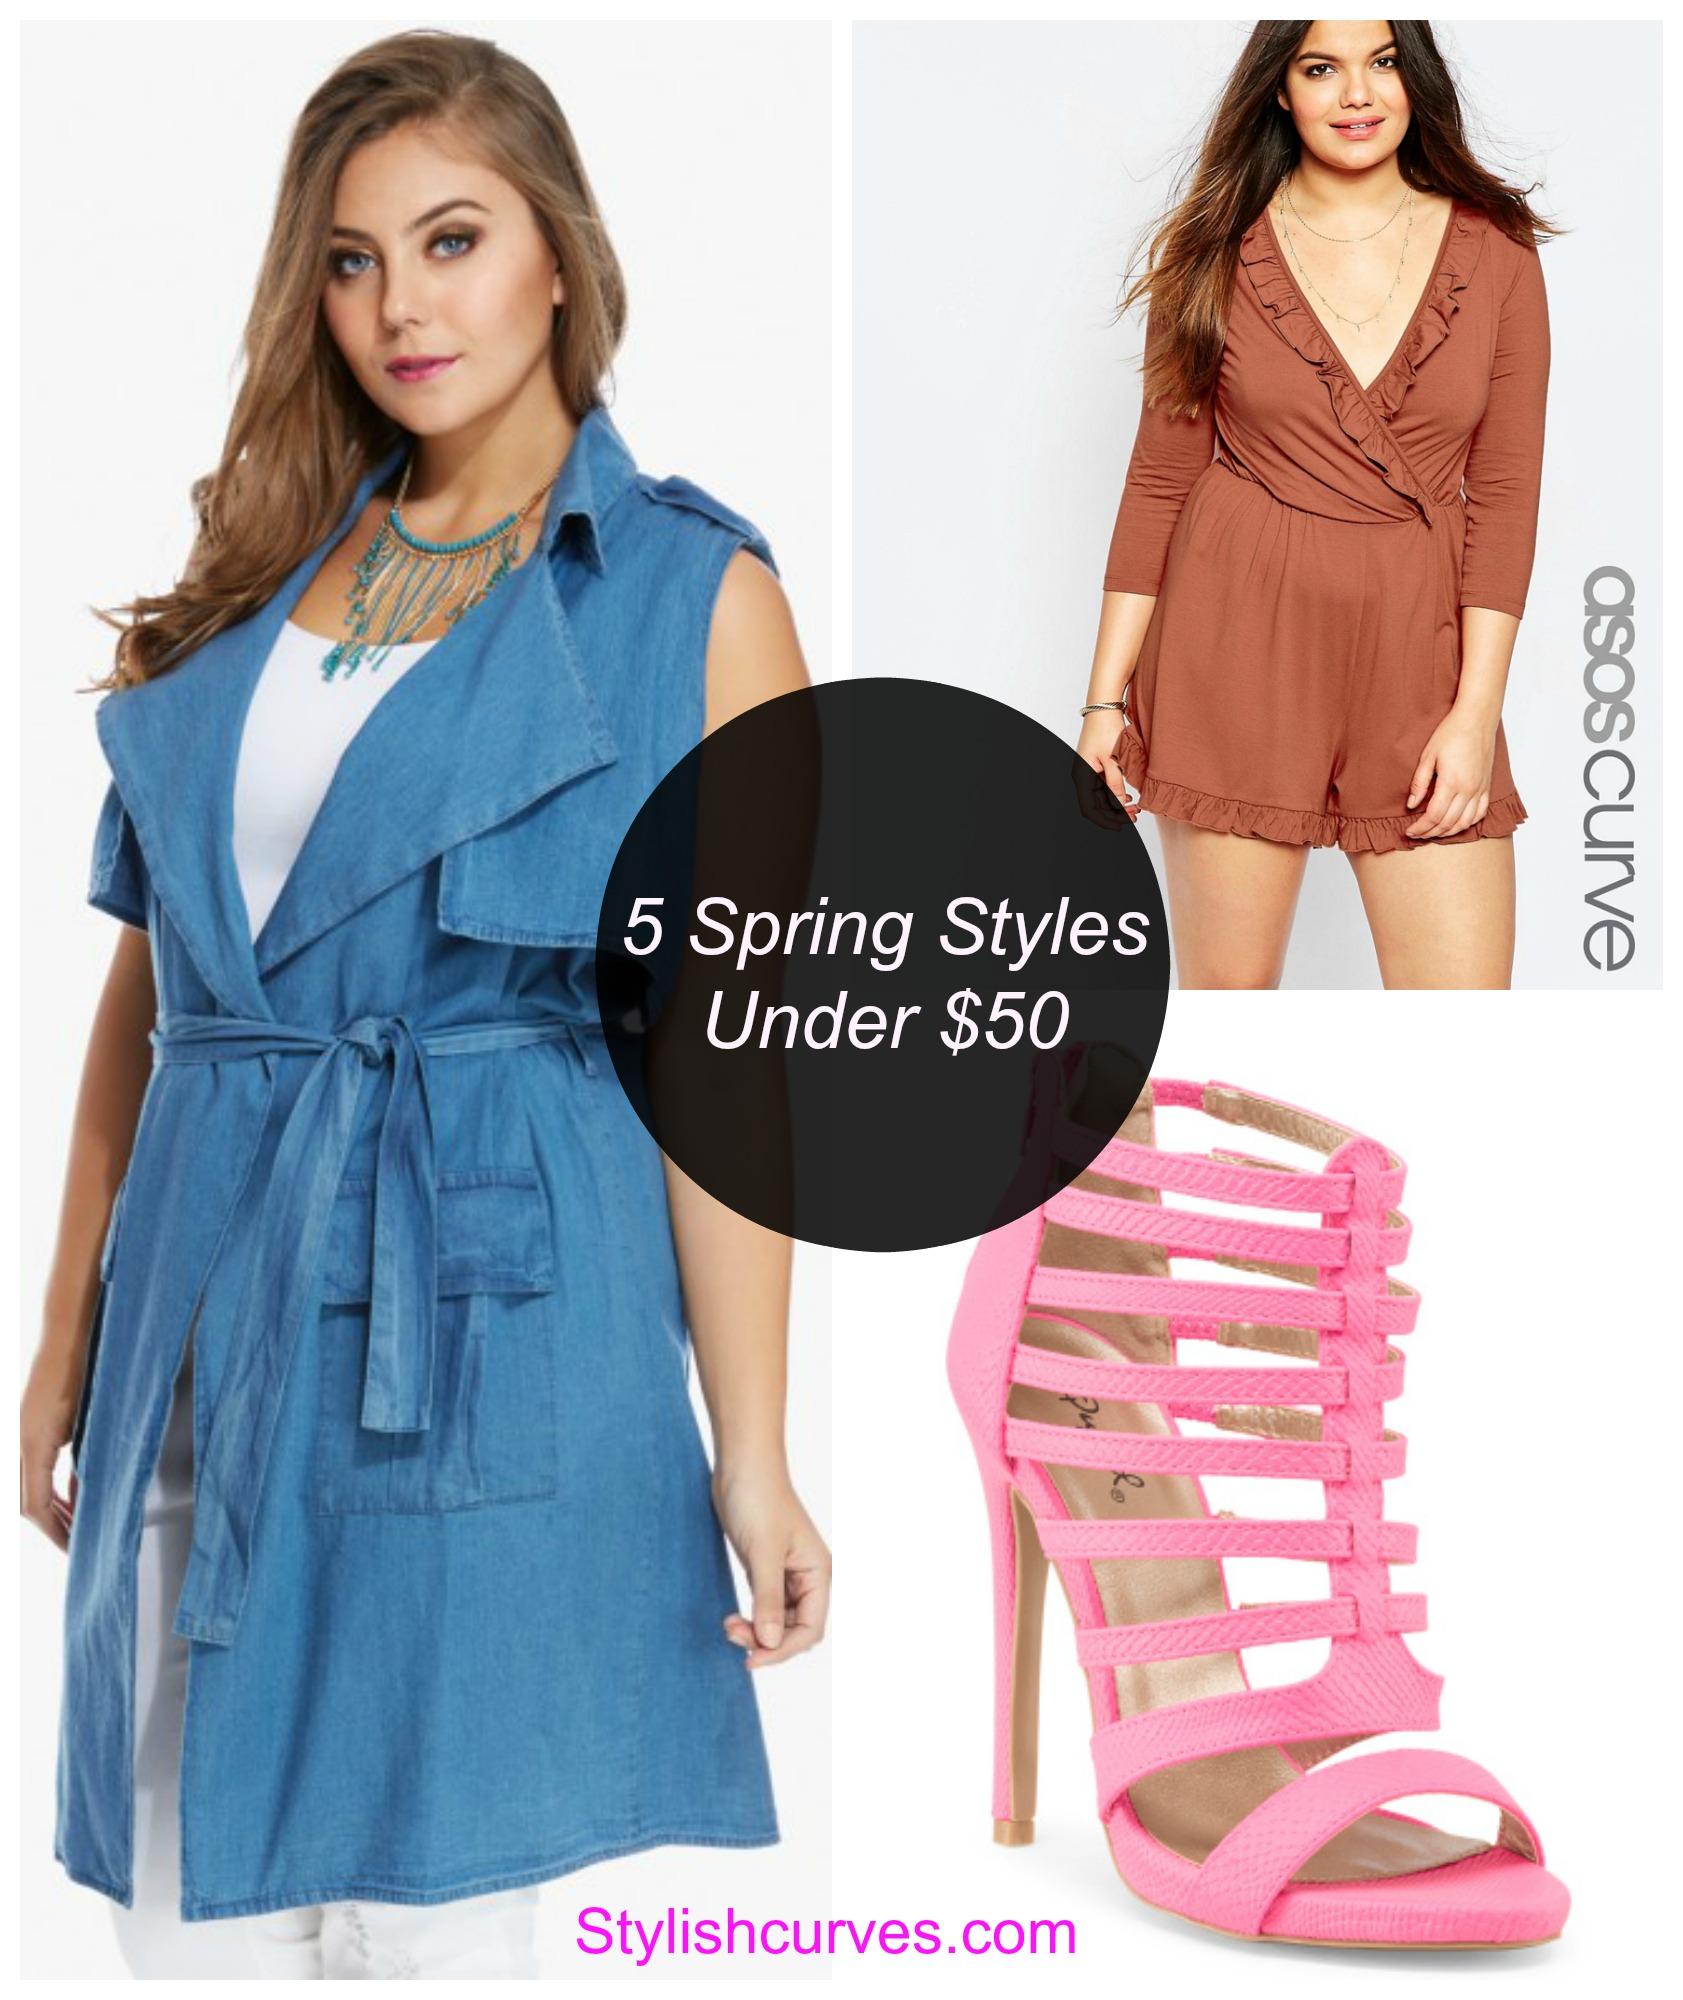 Spring styles under 50